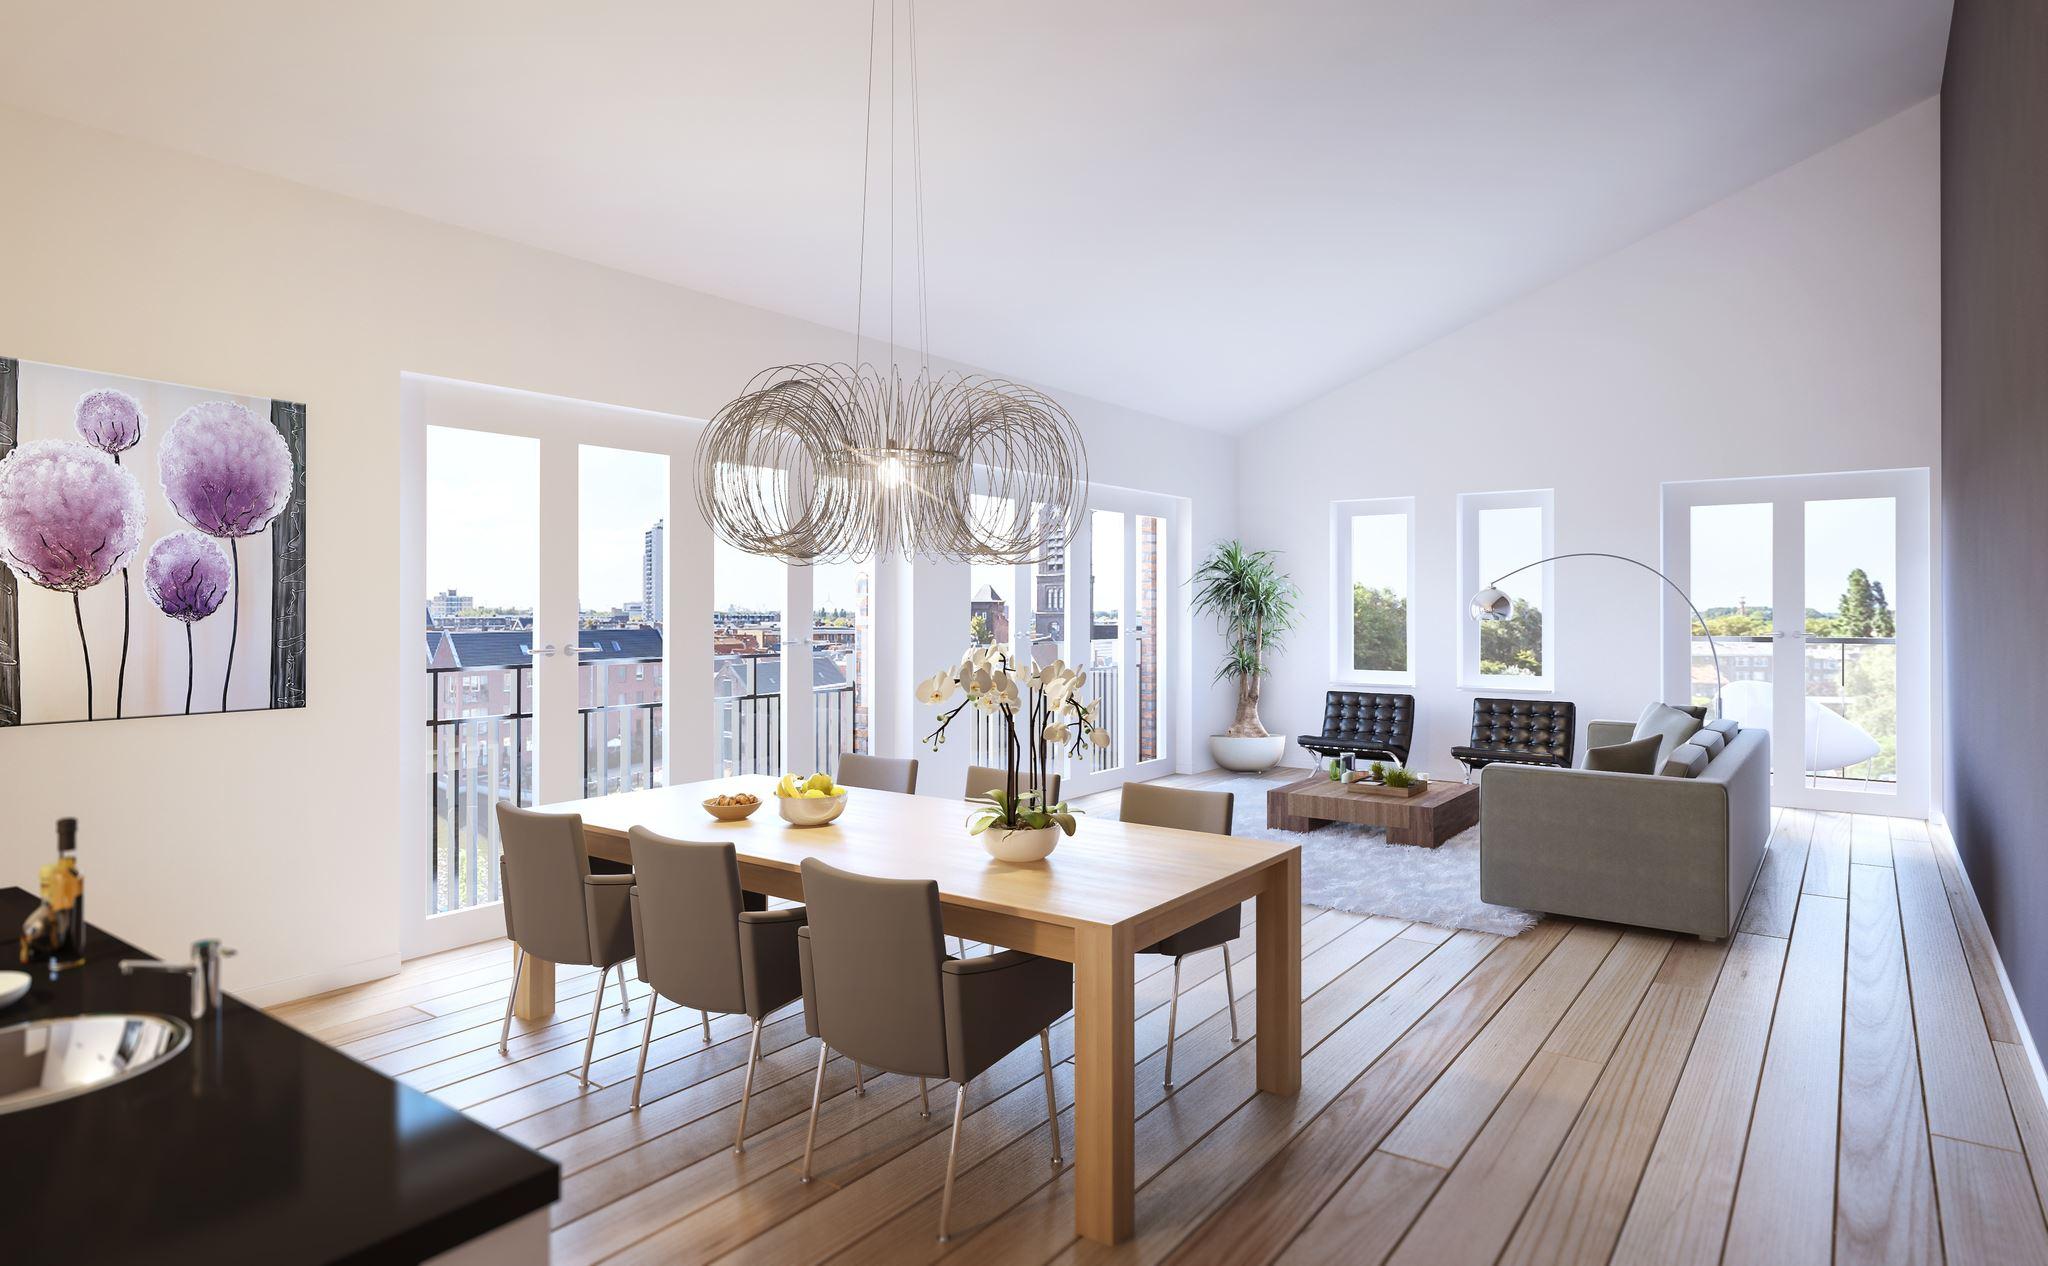 Appartement te koop: Loft, Park en Oude Haven appartementen ...